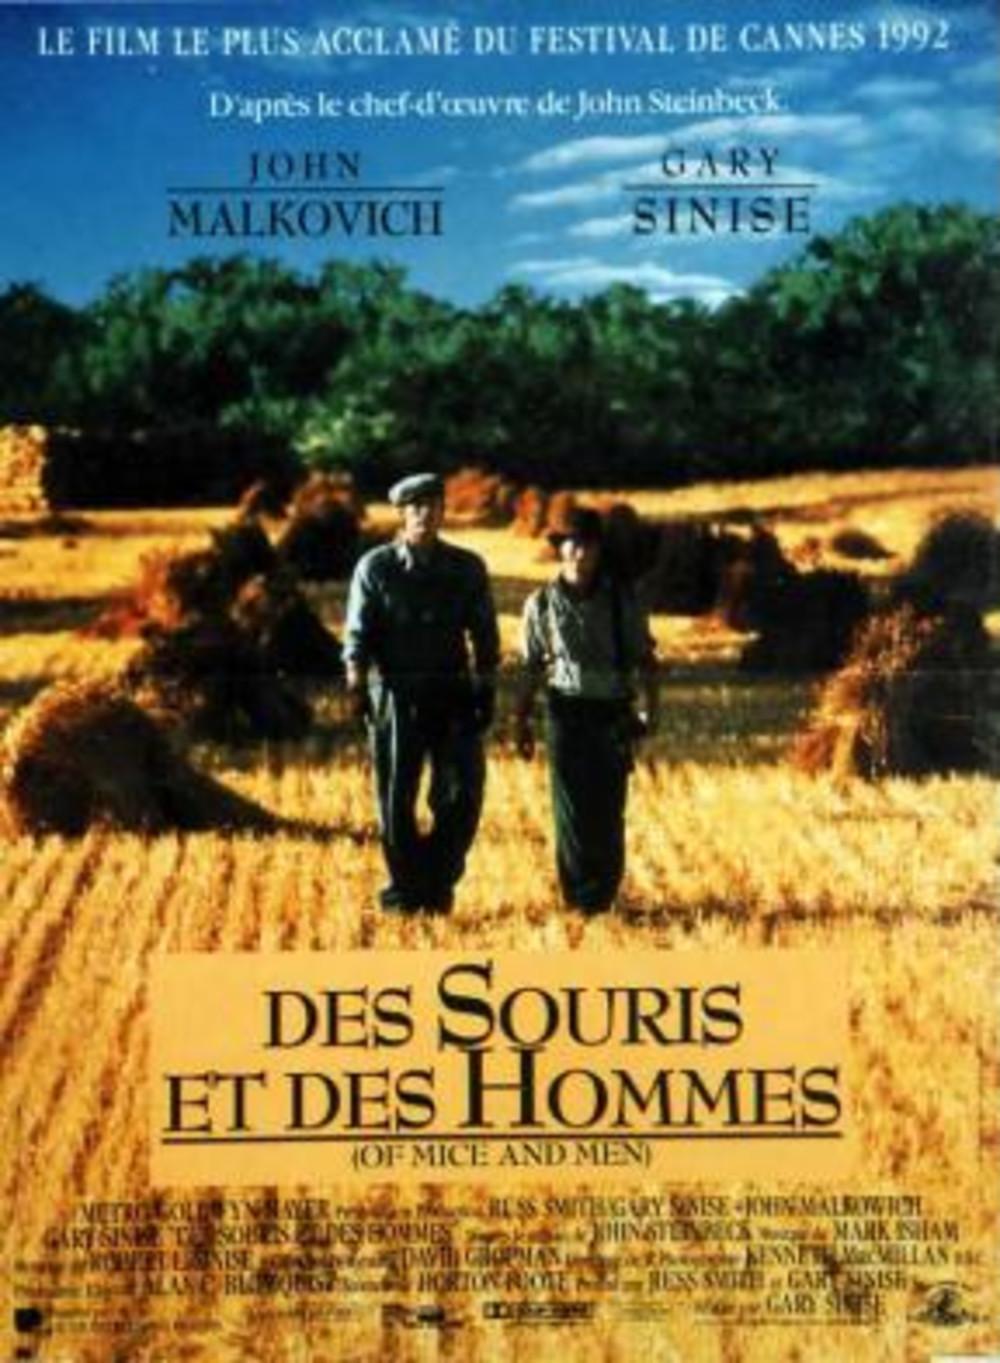 affiche du film Des souris et des hommes (1992)